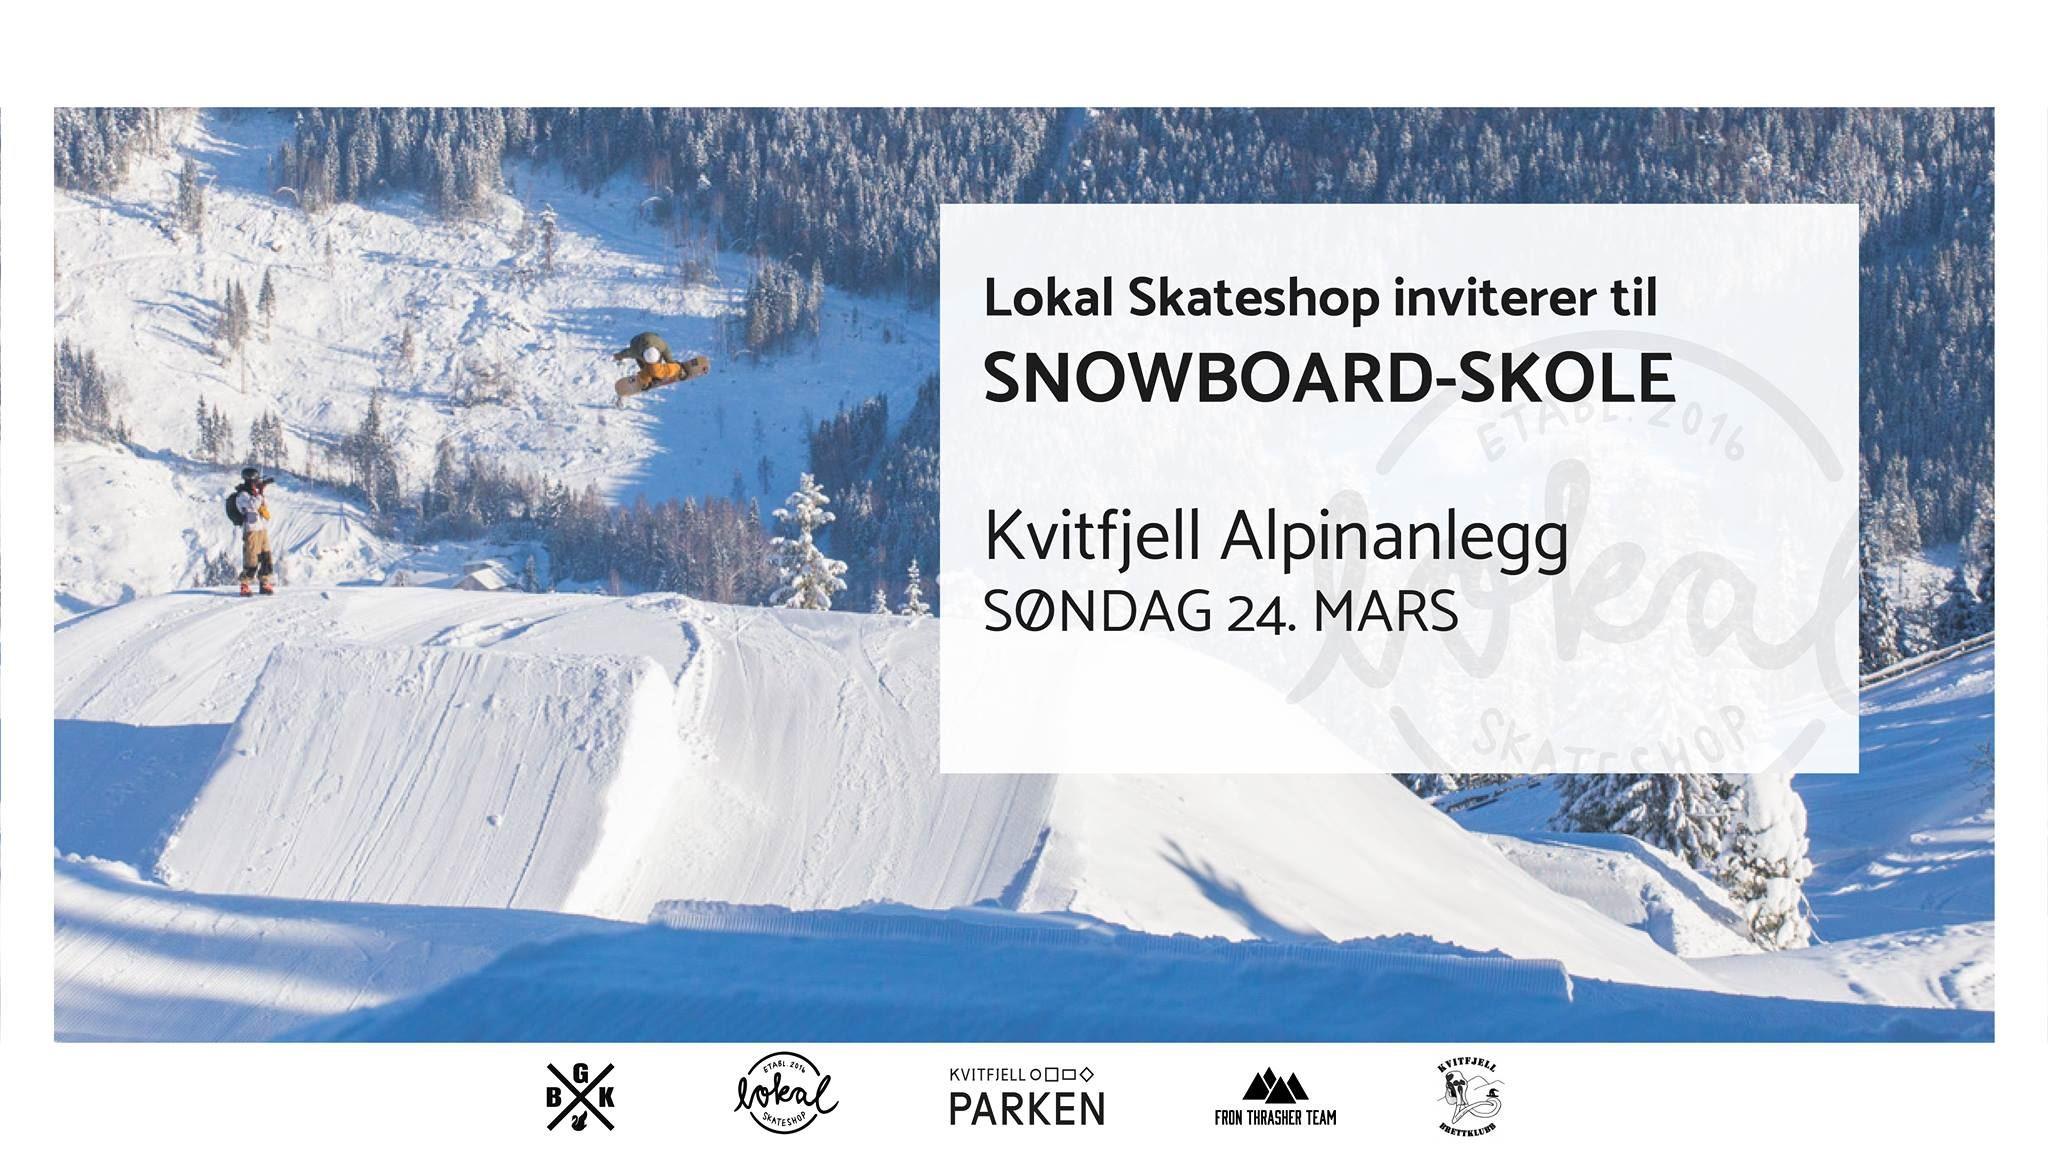 Snowboardskole i Kvitfjell